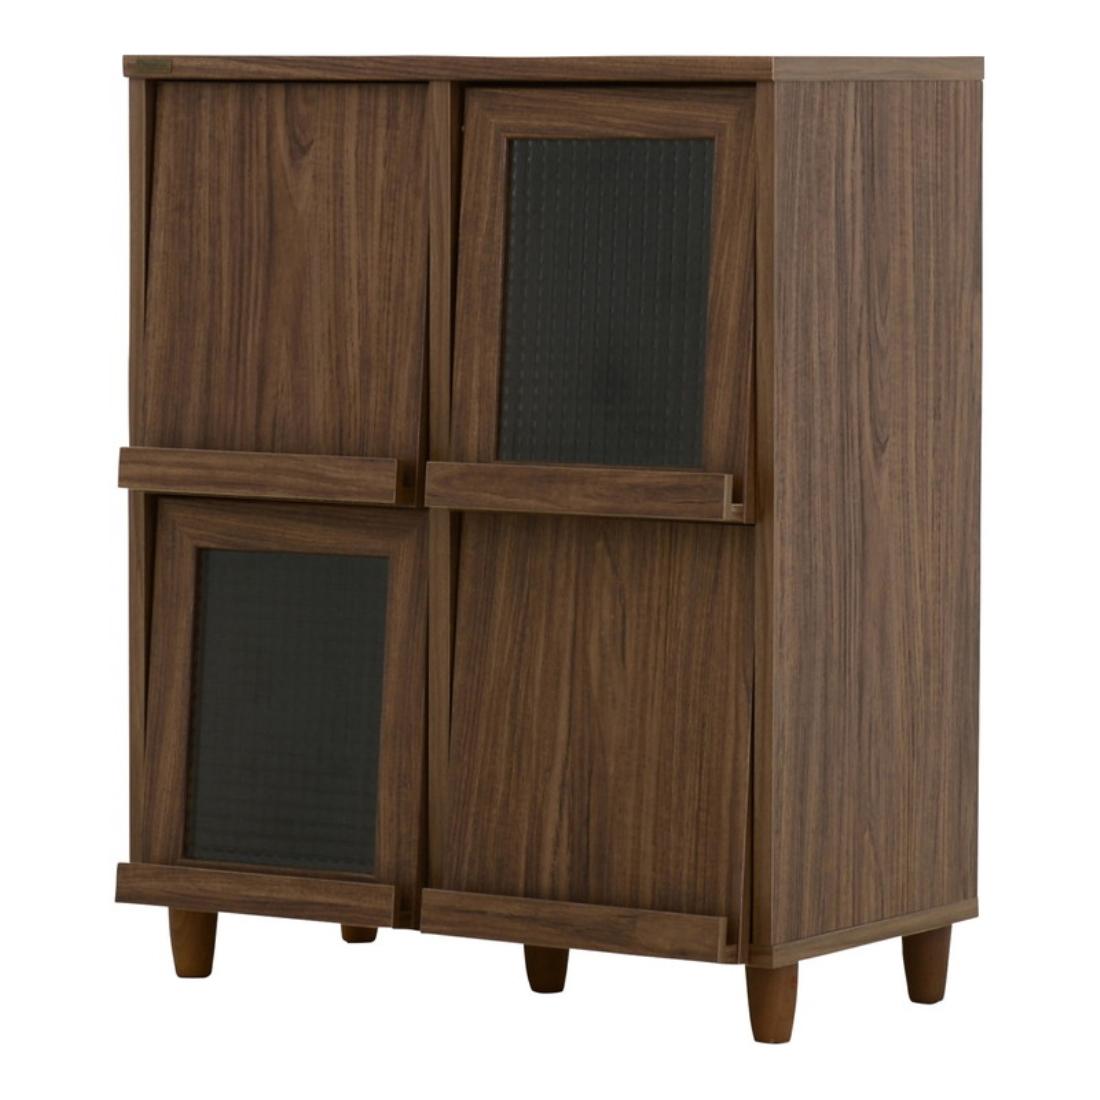 【送料無料】おしゃれ家具 飾り 収納 飾り戸棚 NEFLAS(ネフラス)ディスプレイラック(75cm幅)WH/BR オシャレ